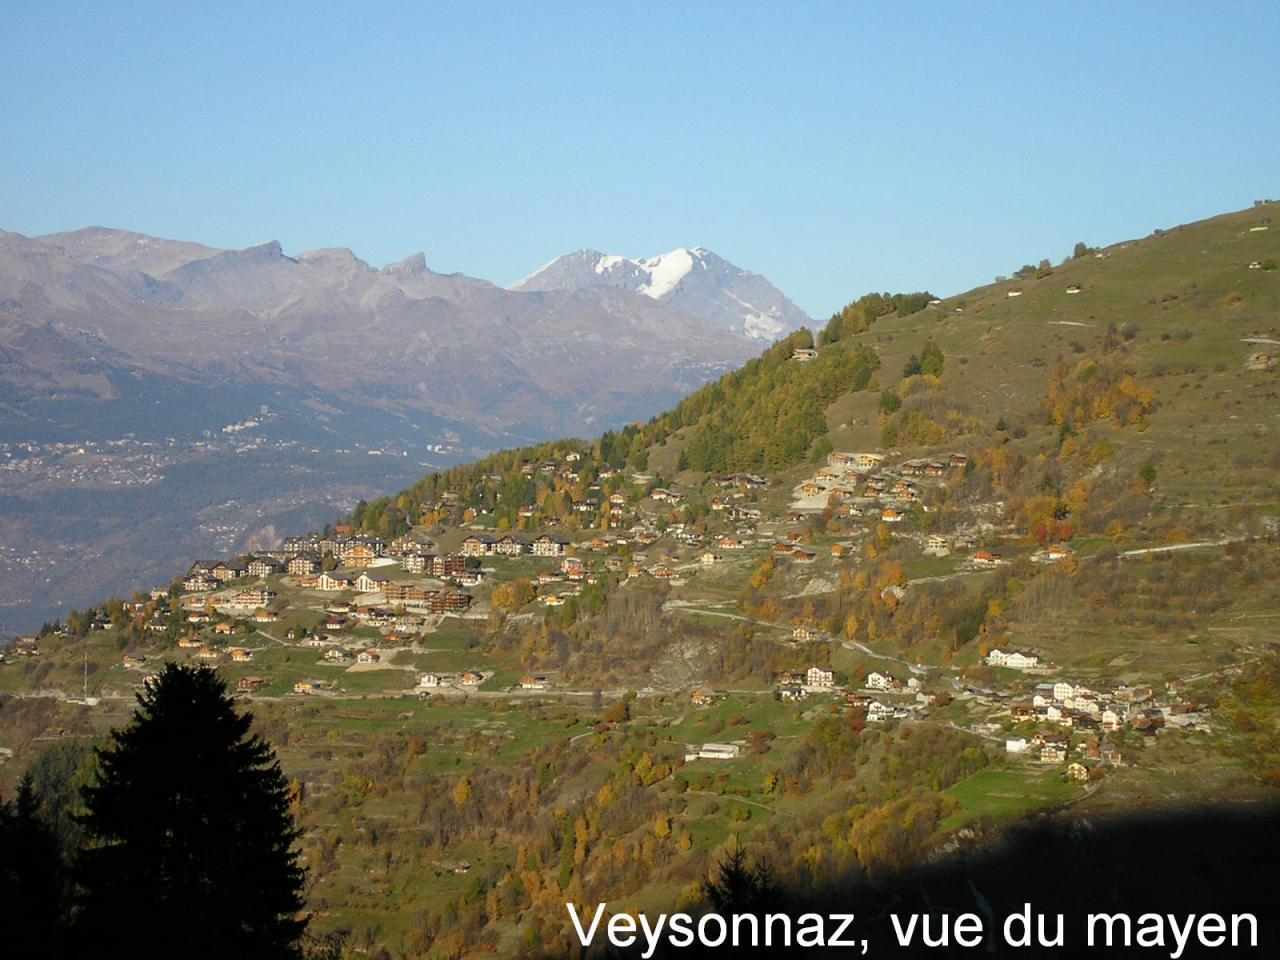 Village de Veysonnaz vis-à-vis